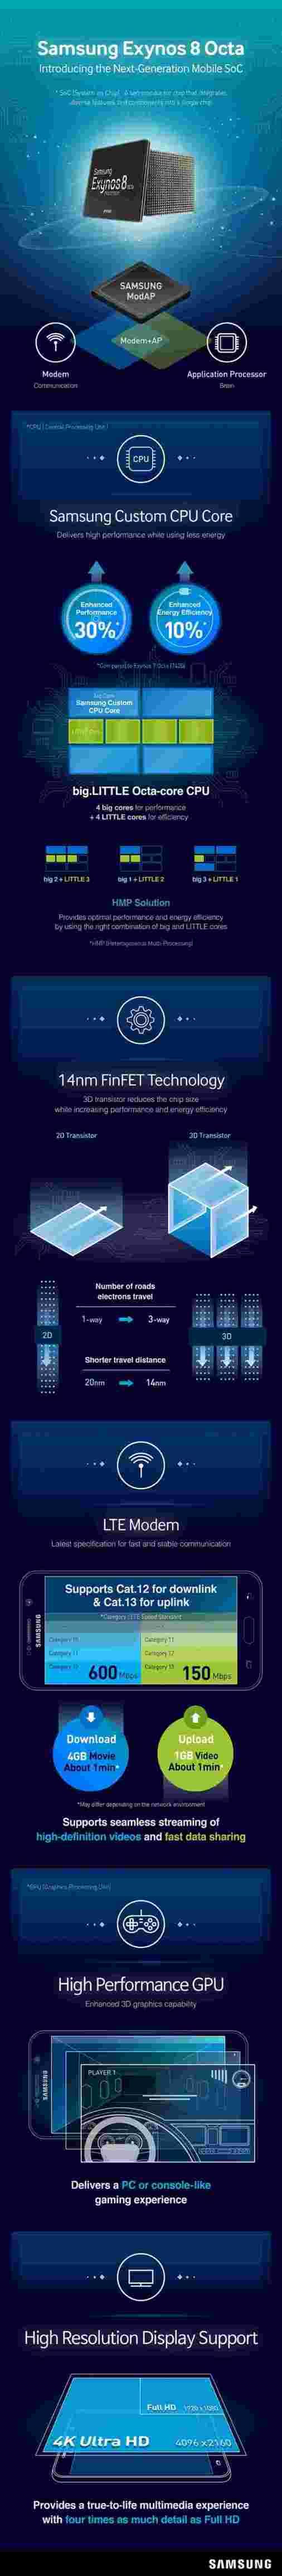 信息图表详细信息Samsung Exynos 8890芯片组将在Galaxy S7中